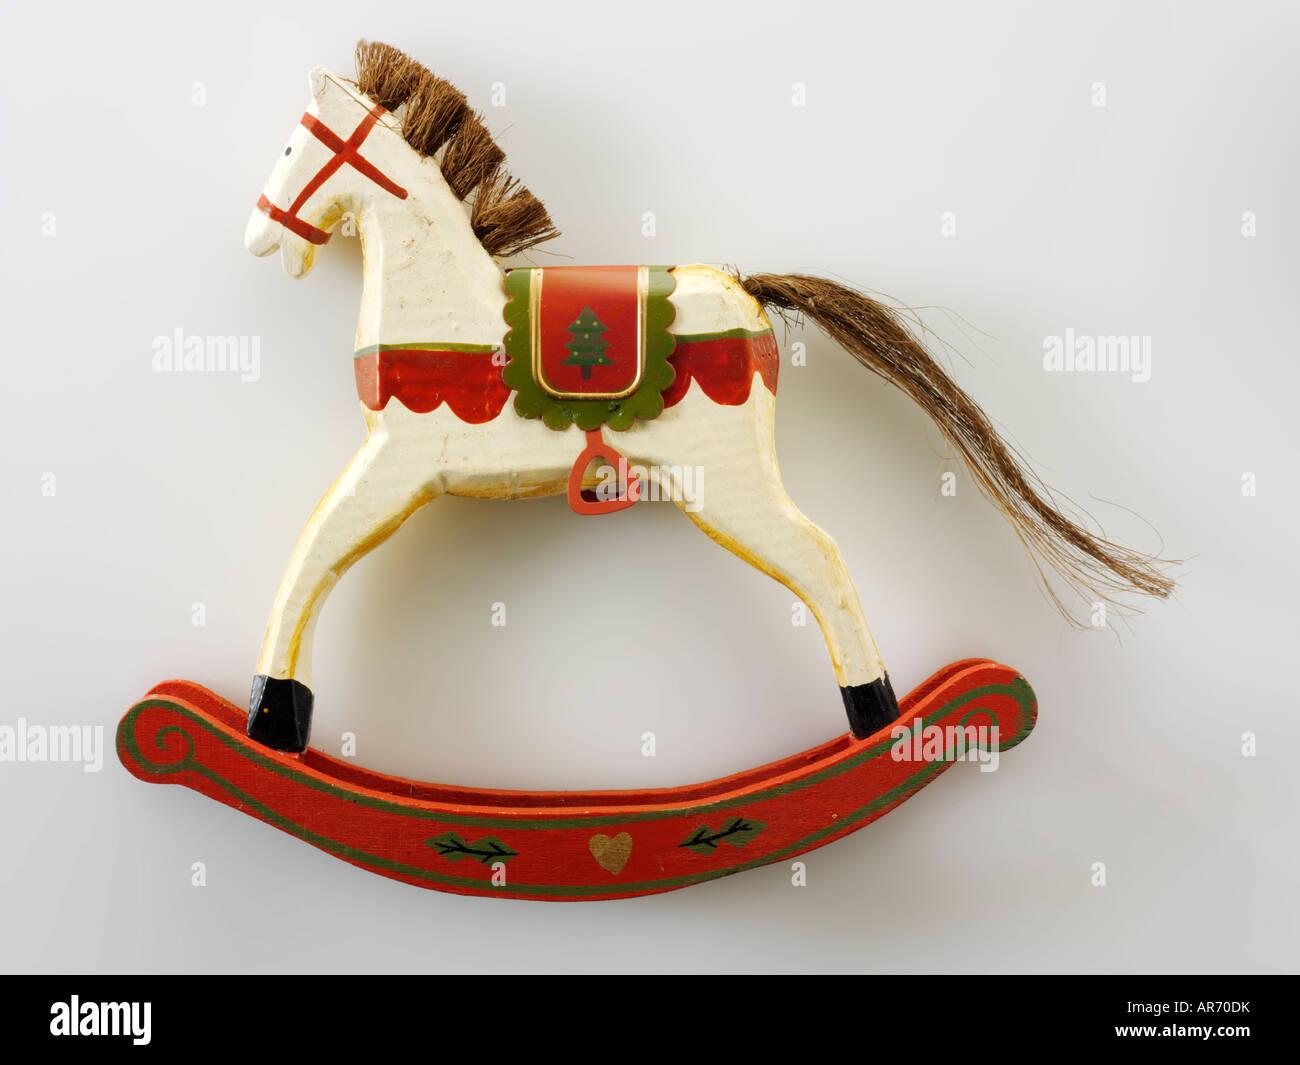 Cavallo A Dondolo Legno Natalizio.Fatto A Mano In Legno Di Festa Cavallo A Dondolo Decorazione